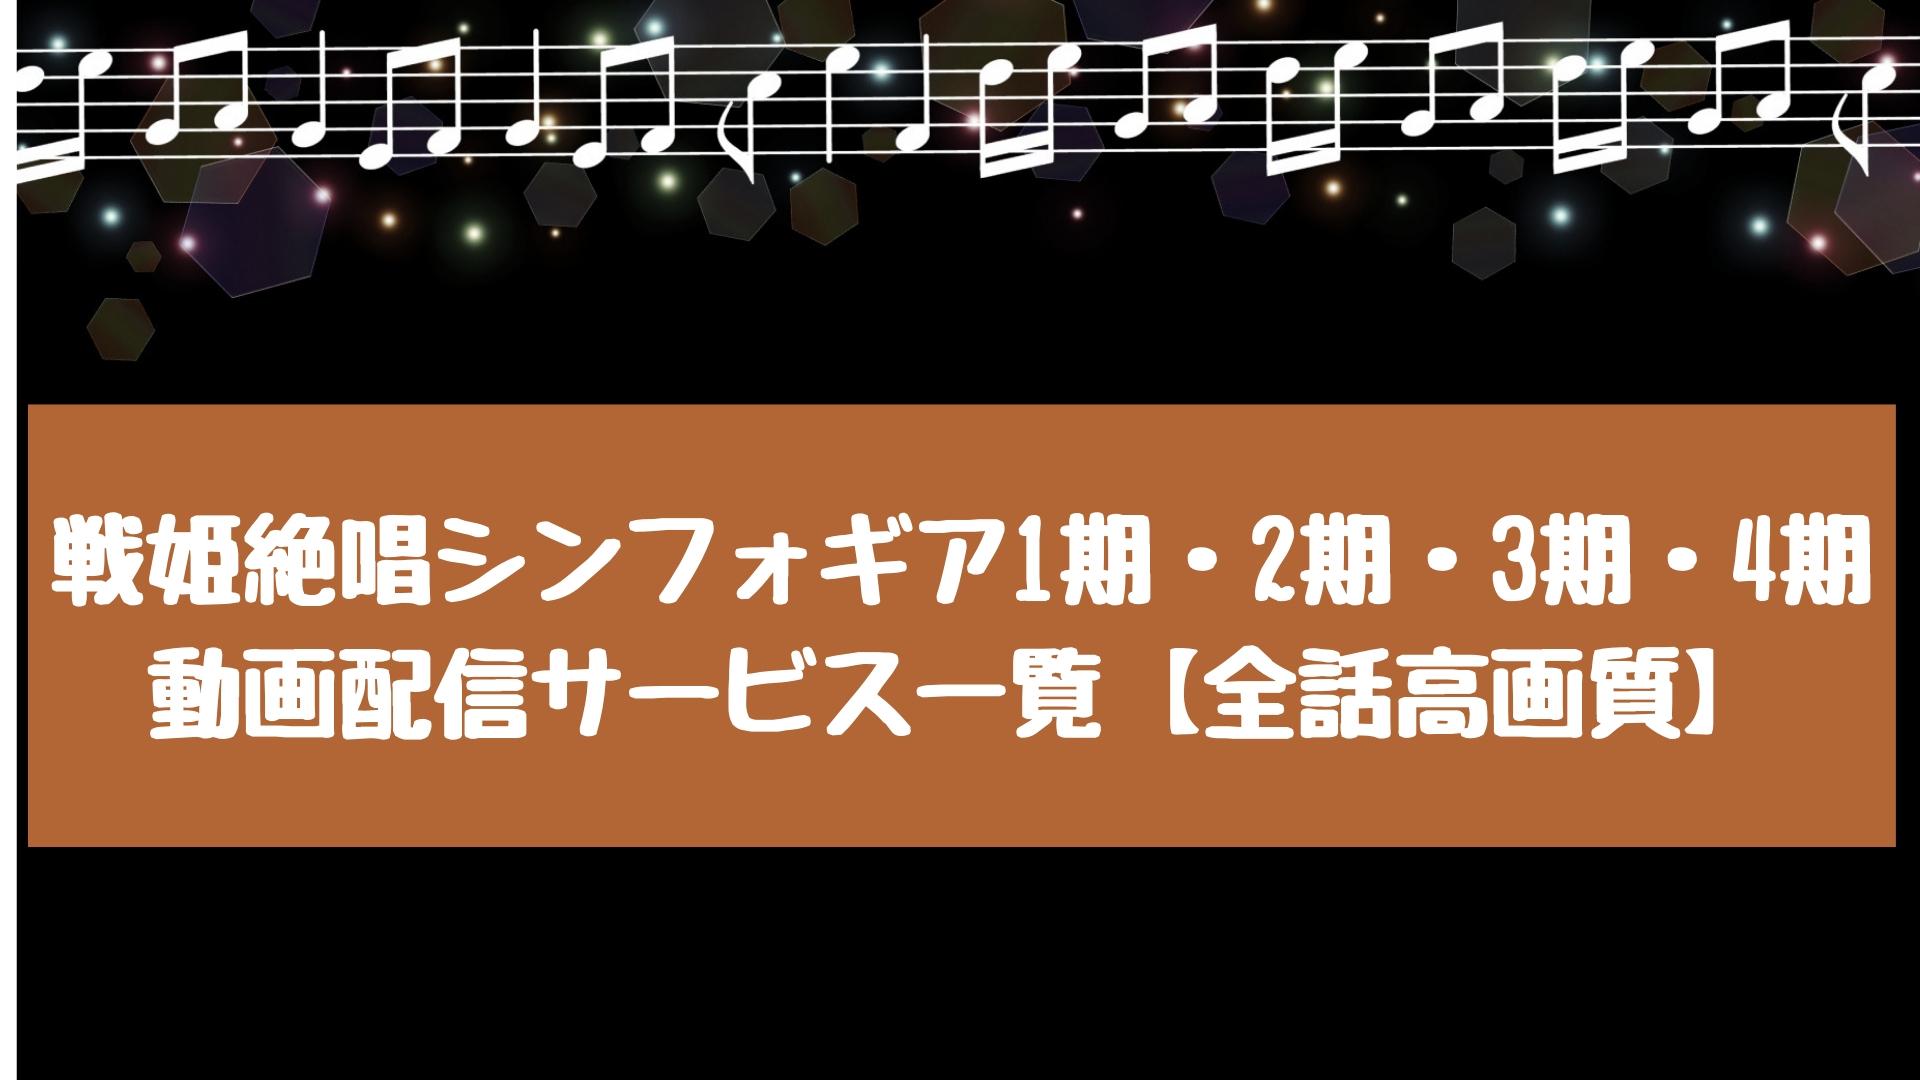 「戦姫絶唱シンフォギア」1期・2期・3期・4期の動画が見放題の動画配信サービス一覧【全話高画質】